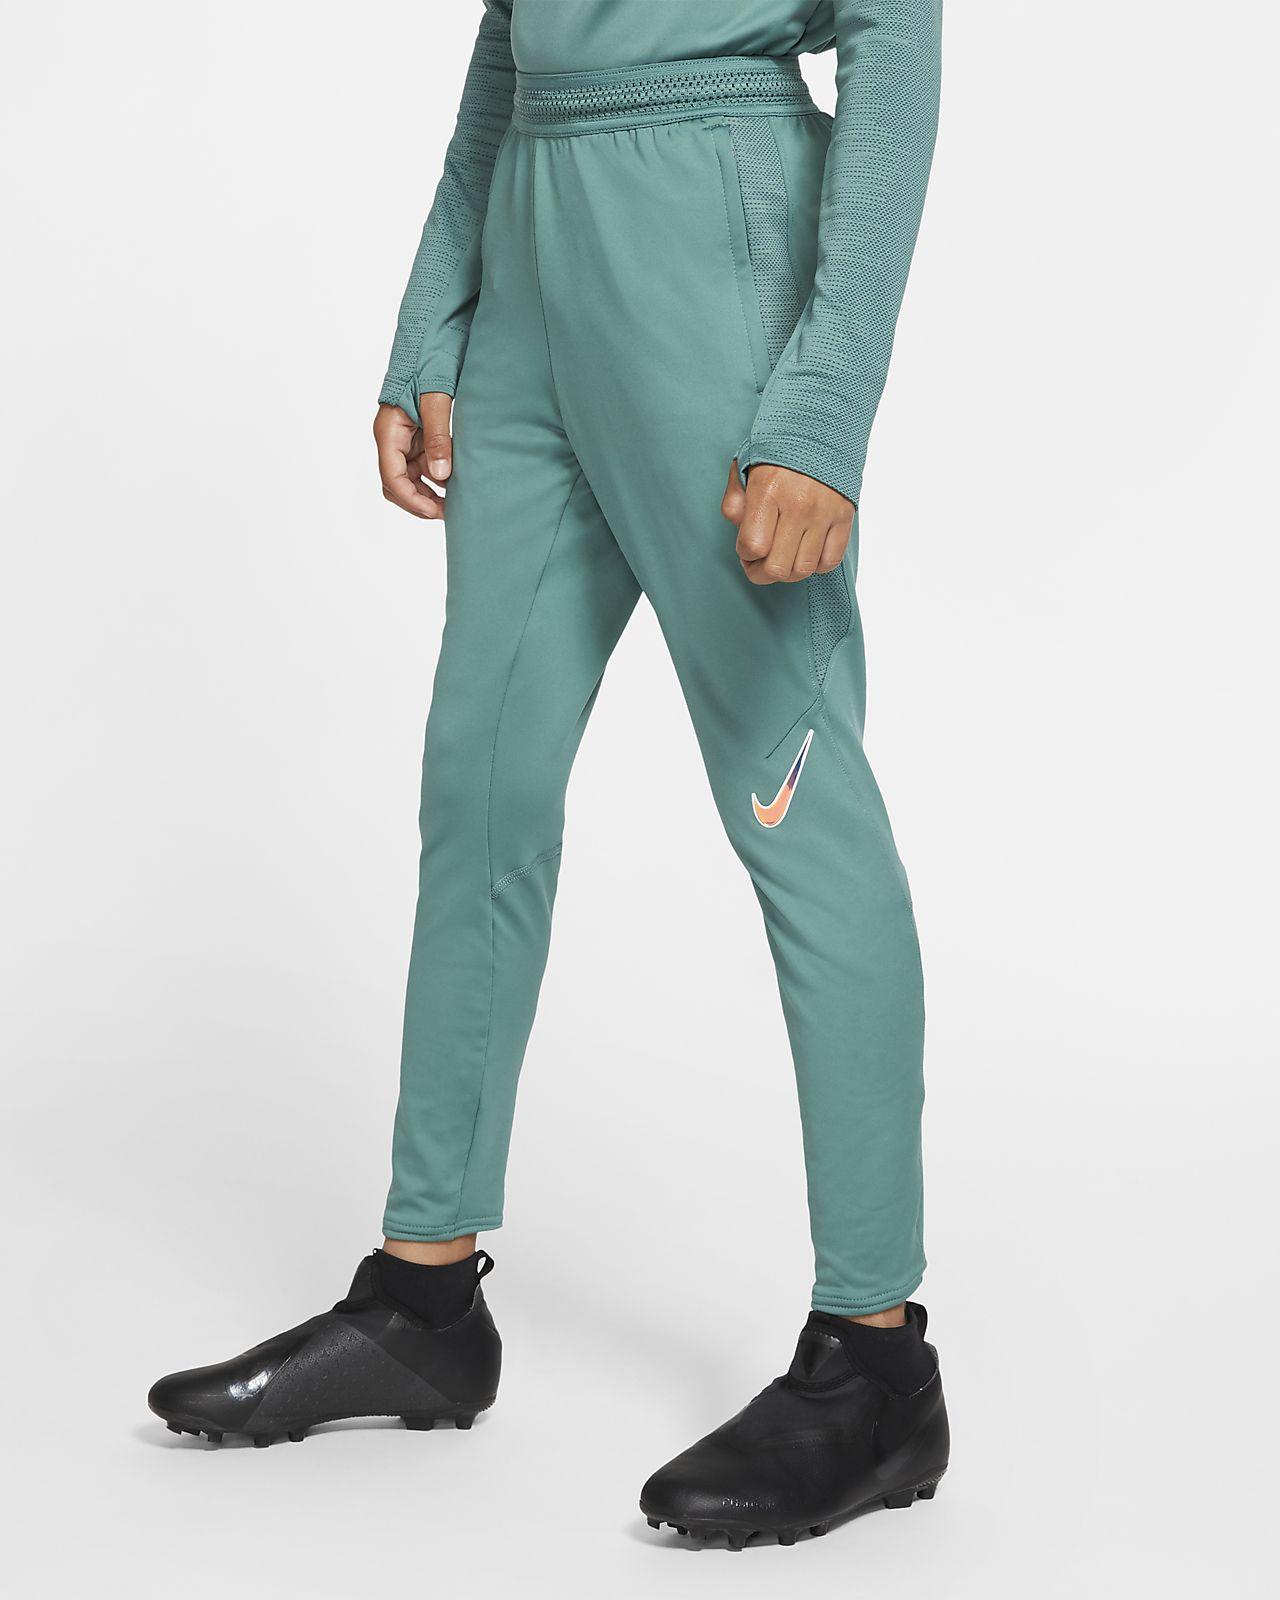 Spodnie piłkarskie dla dużych dzieci (chłopców) Nike Dri-FIT Strike